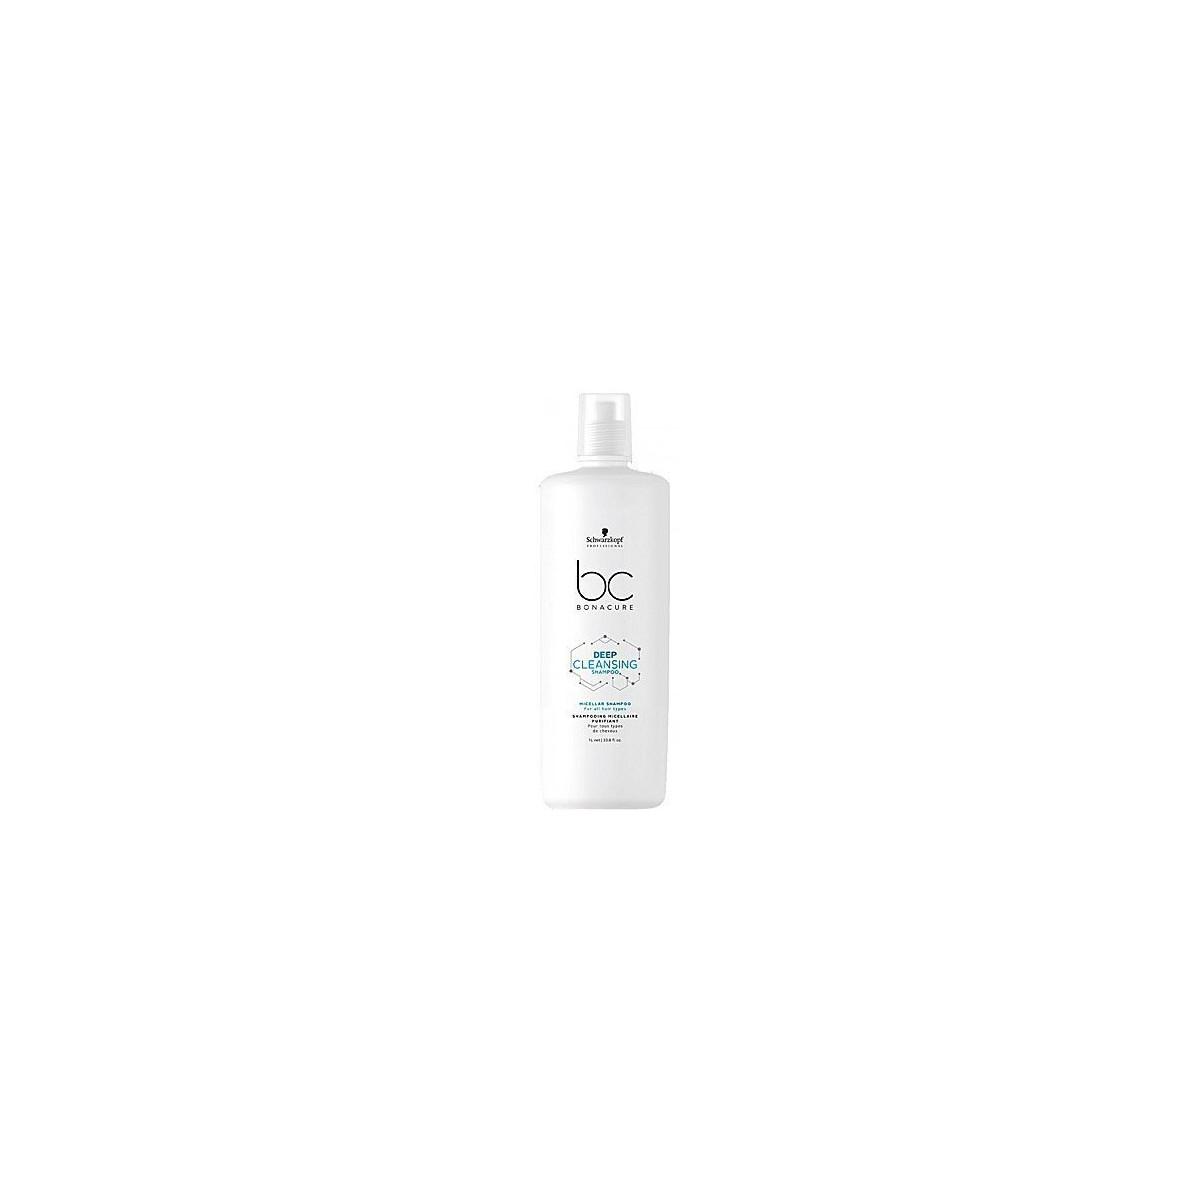 Schwarzkopf BC Hair & Scalp szampon 1250ml